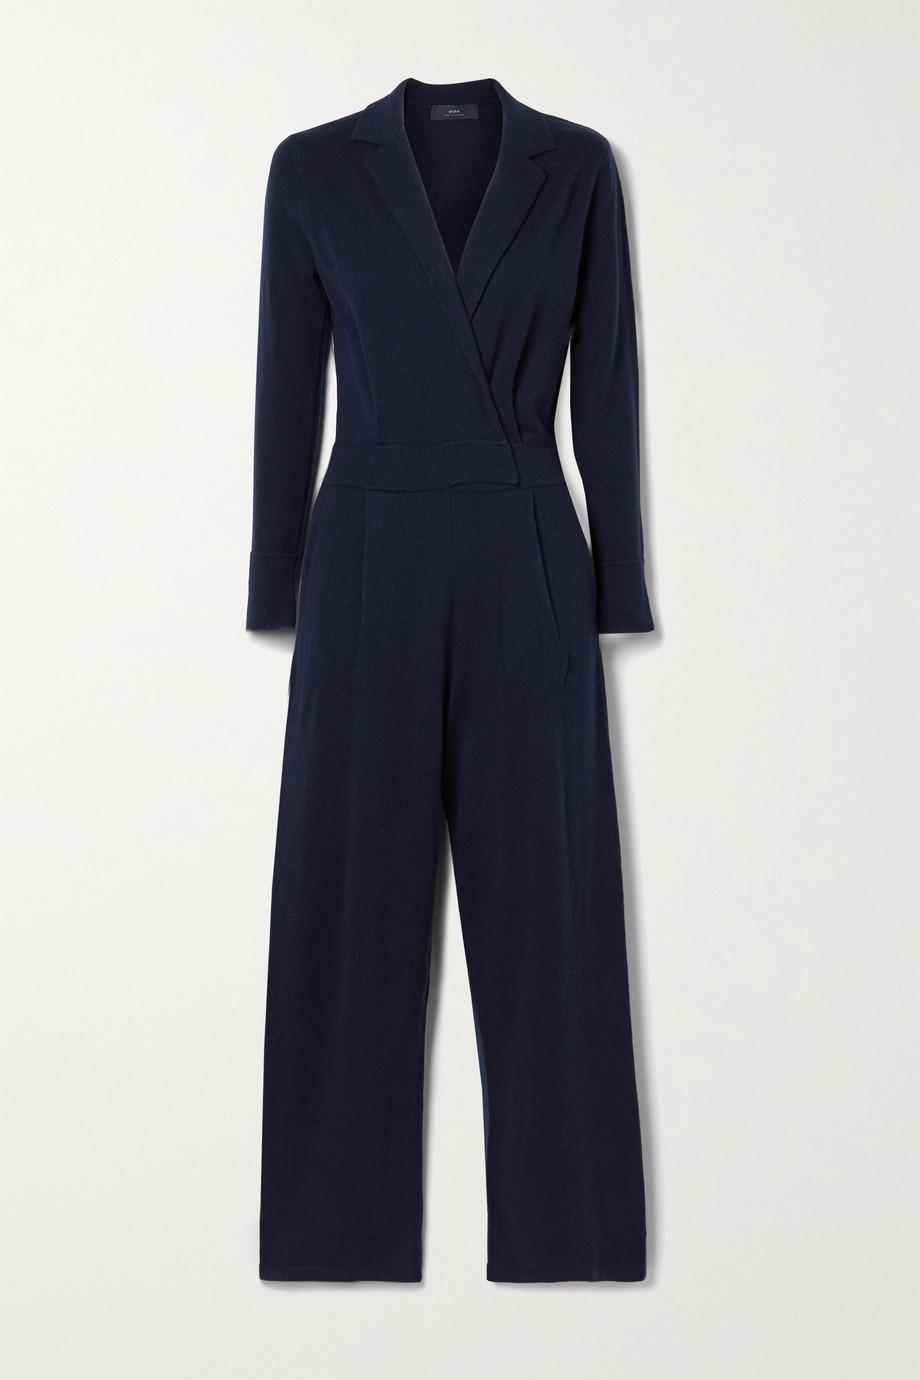 Arch4 Frankie wrap-effect cashmere jumpsuit